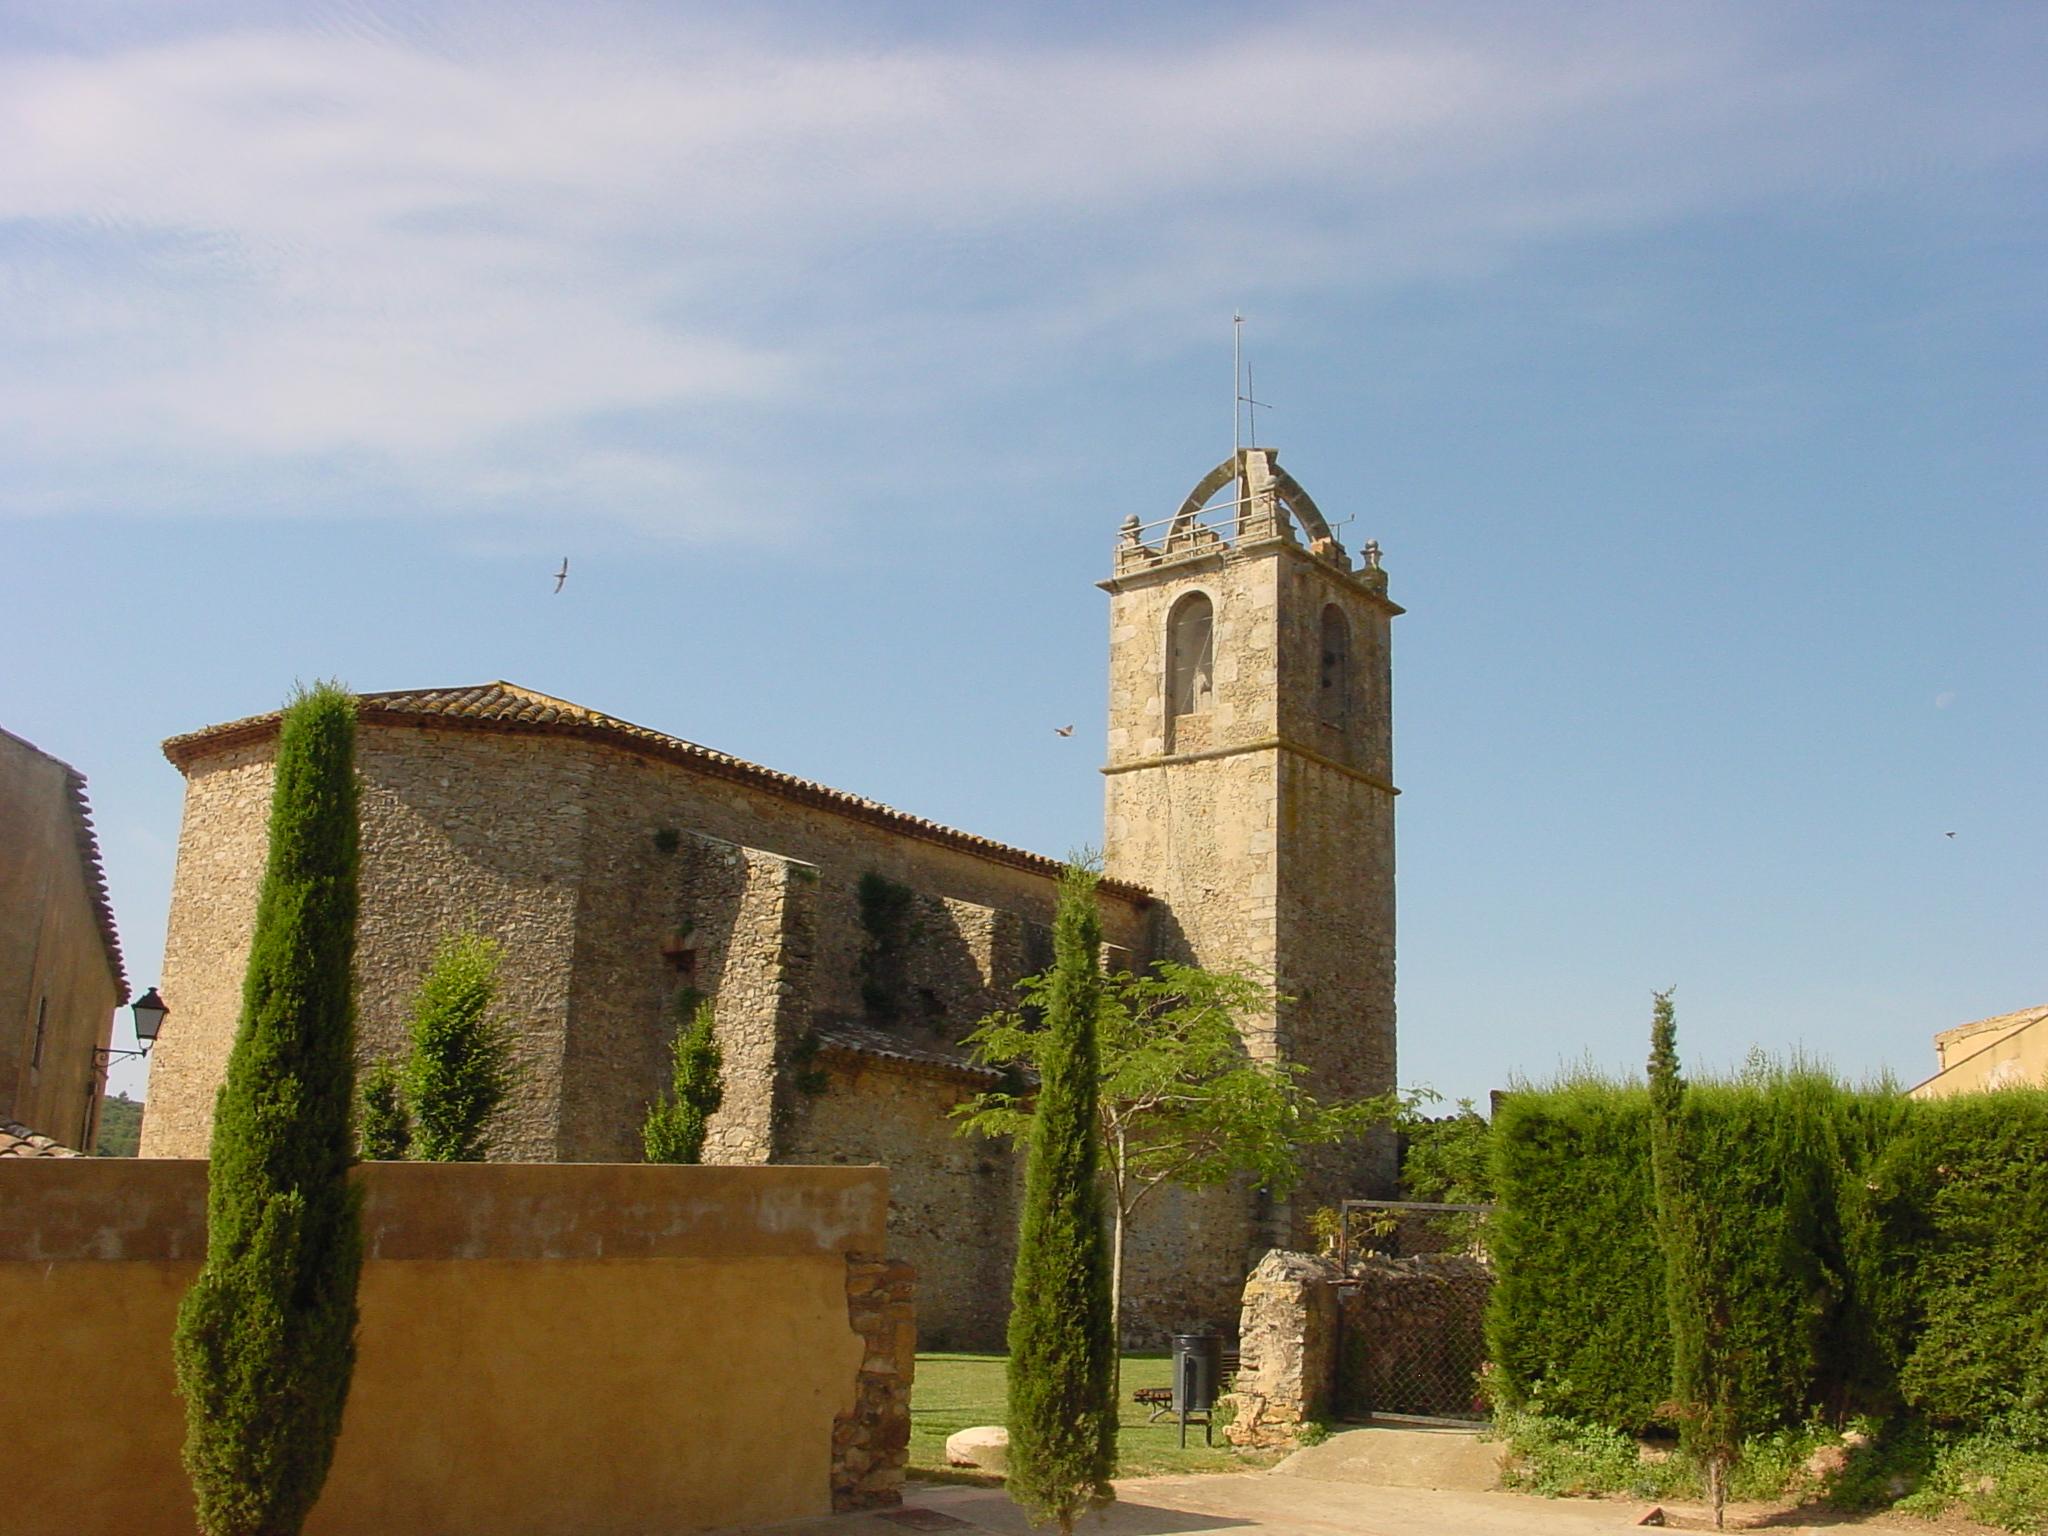 L'edifici actual de Sant Fruitós és del segle XVIII, es va construir sobre l'antiga església romànica. El temple es troba dins del nucli urbà de Llofriu, si ve disposa d'una zona verda al seu voltant. La imatge ens mostra l'espai enjardinat i una visió de l'exterior de l'església des de darrera. Amb l'absis poligonal i la torre del campanar de planta quadrada i coronat amb arcs.